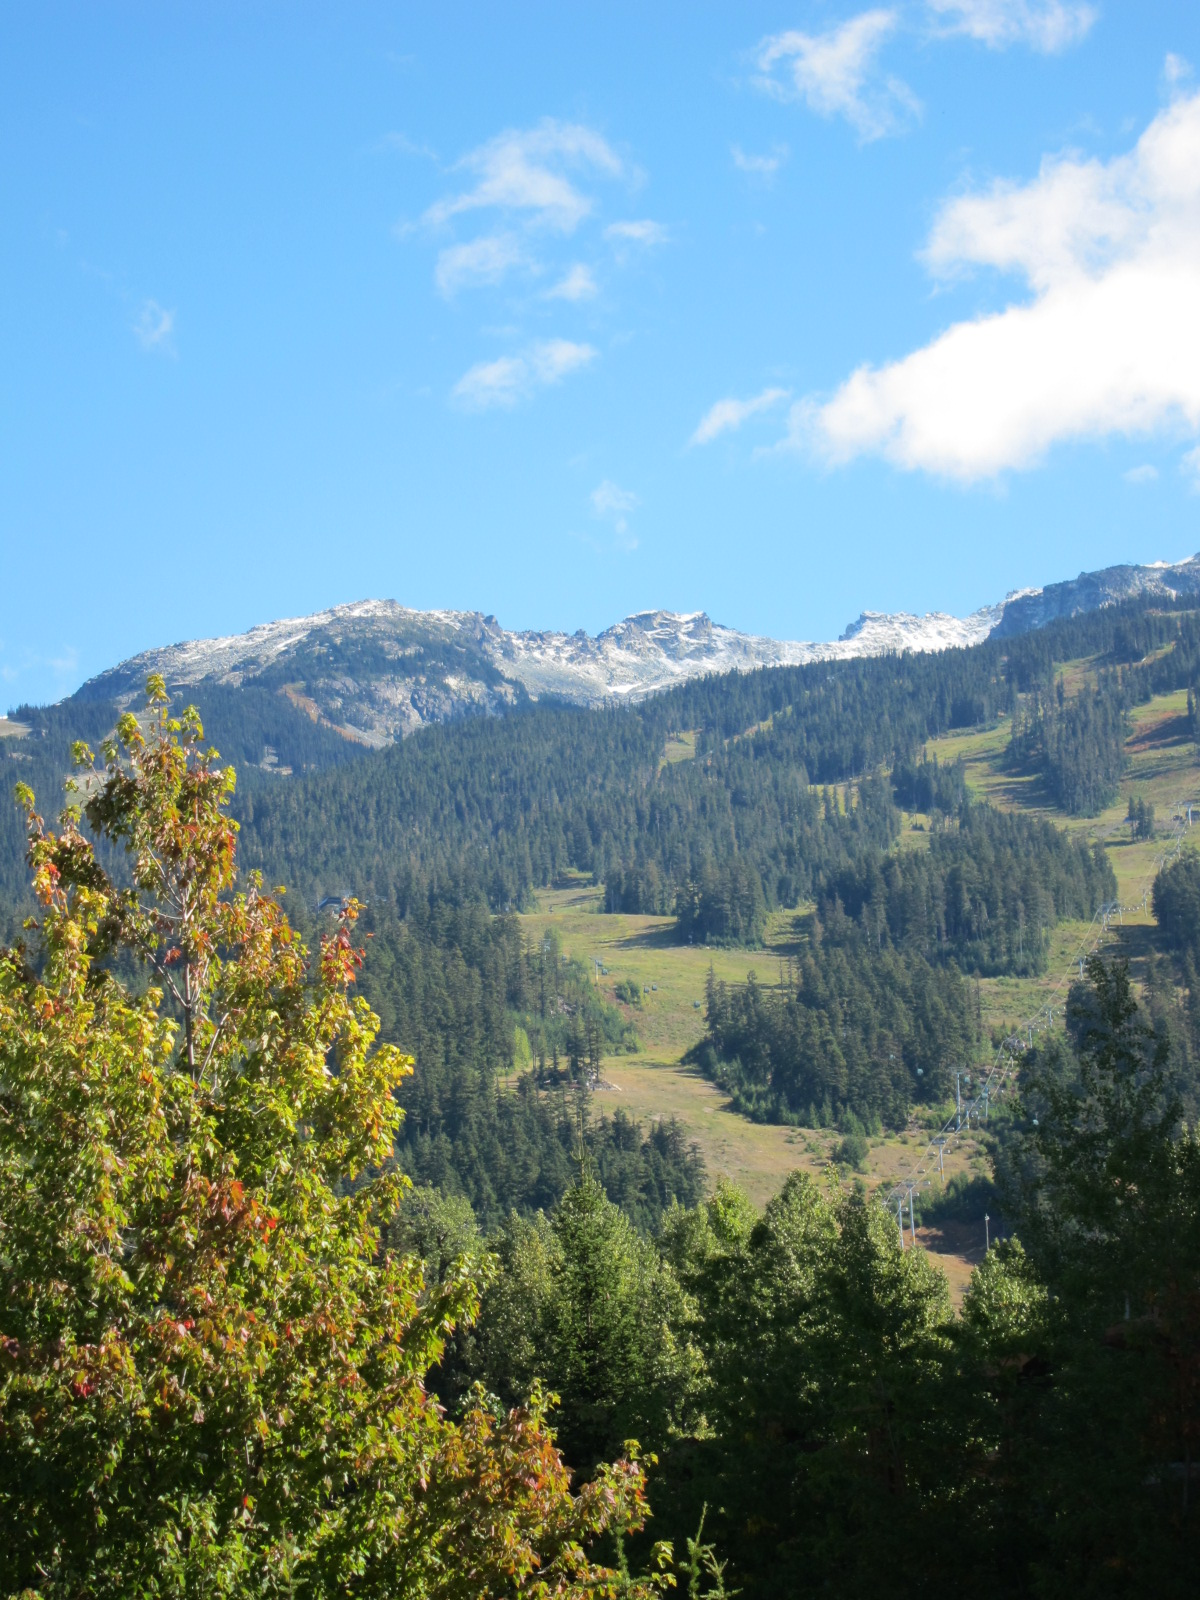 0922-10-山頂已經有雪了.JPG